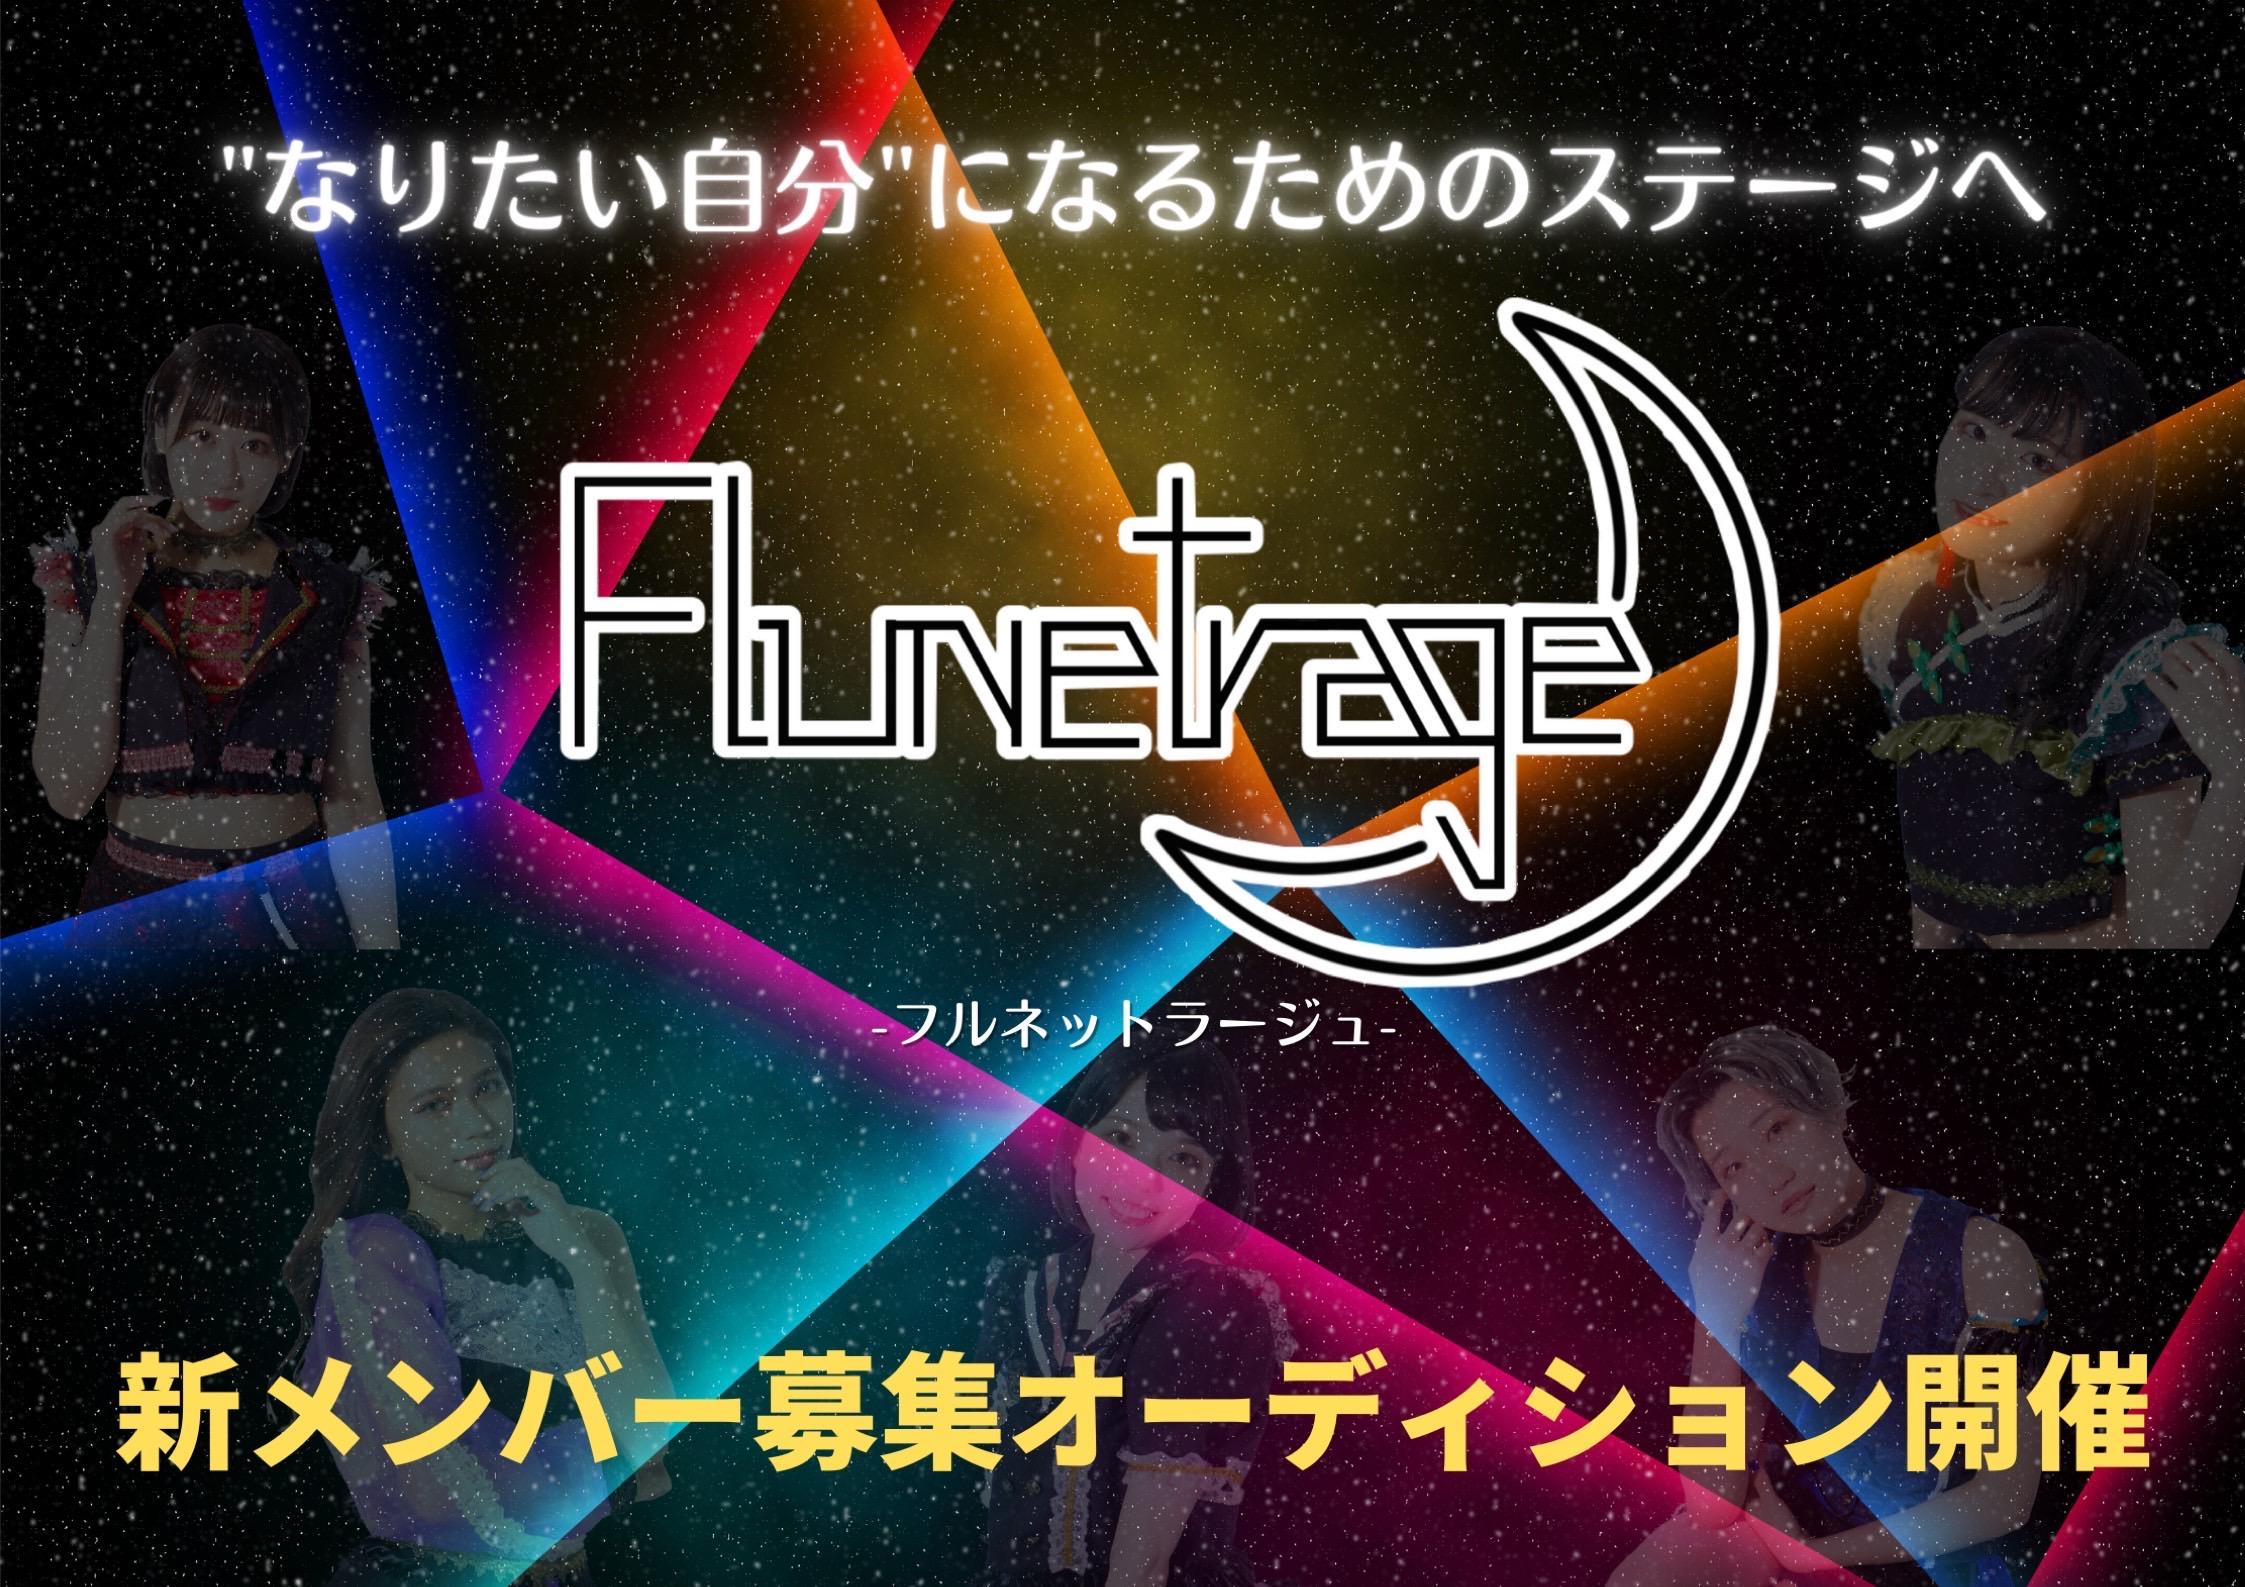 """オーディション 「Flunetrage」新メンバーオーディション """"なりたい自分""""になるためのステージへ 主催:VYTプロダクション(合同会社VYT)、カテゴリ:アイドル(本格派)"""